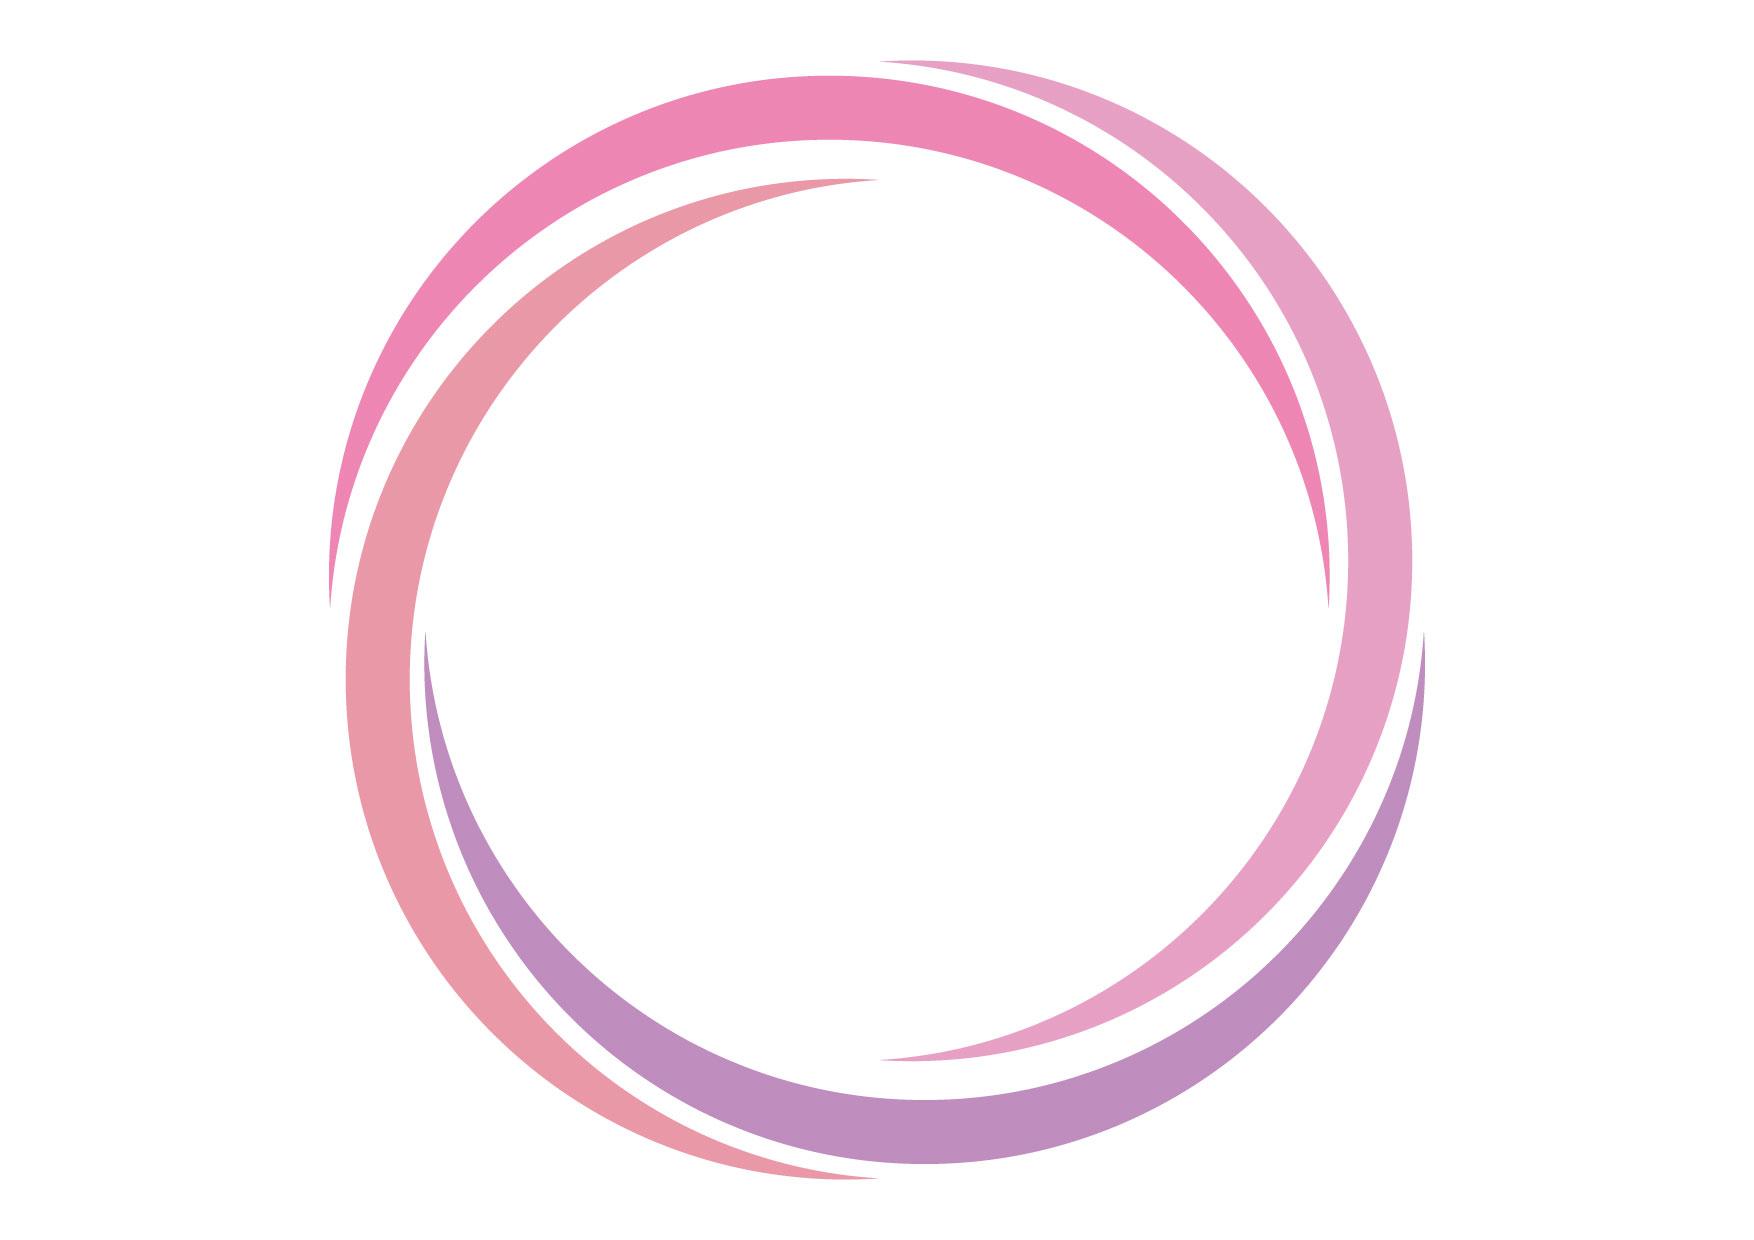 可愛いイラスト無料|フレーム スパイラル ピンク 背景 − free illustration Frame spiral pink background